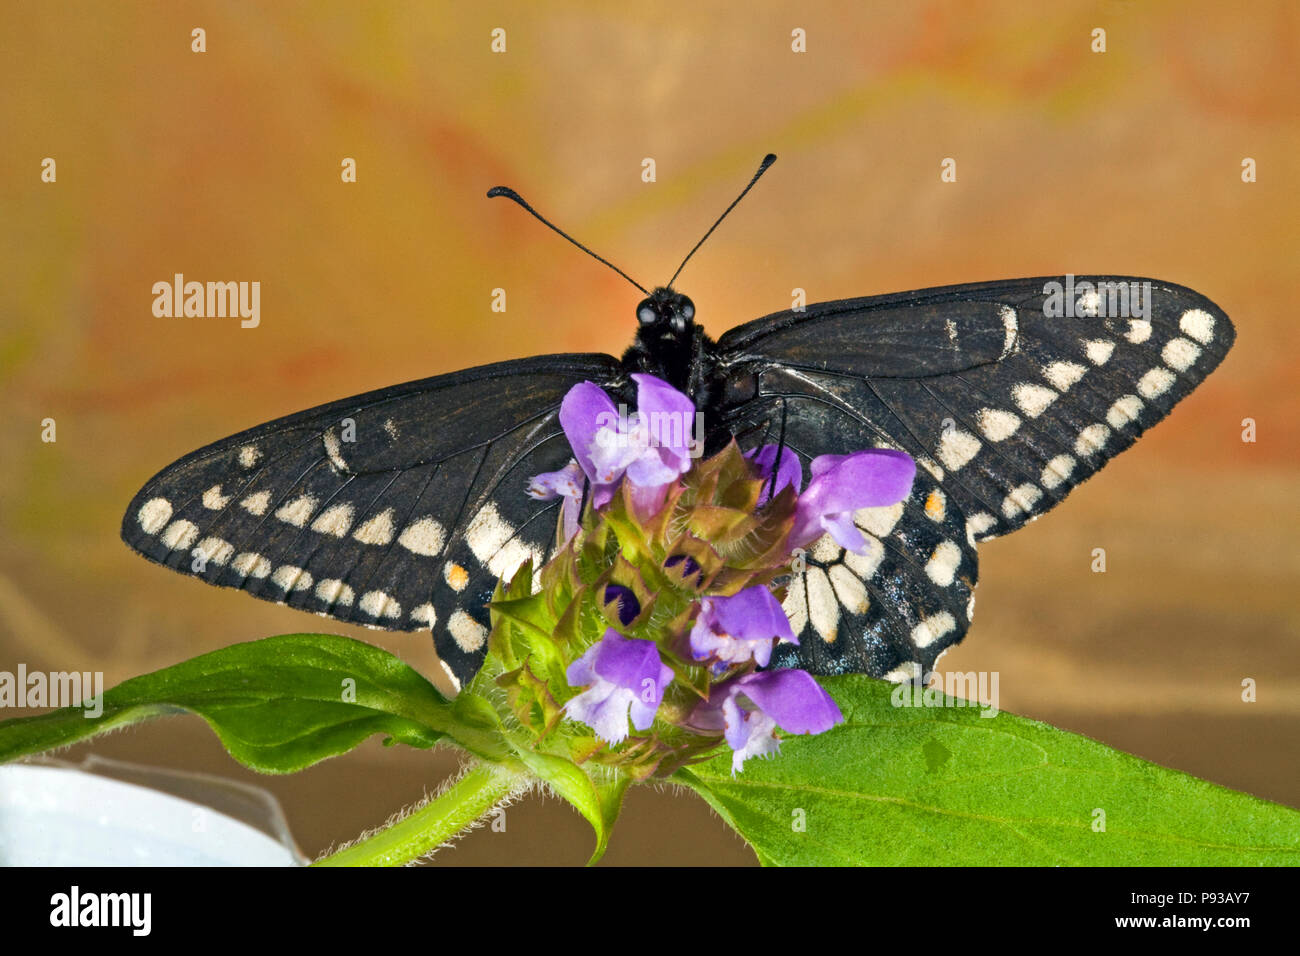 Vue ventrale d'un papillon du machaon, Papilio Indra Indra, sur une fleur sauvage dans l'est des Cascades de centre de l'Oregon. Photo Stock